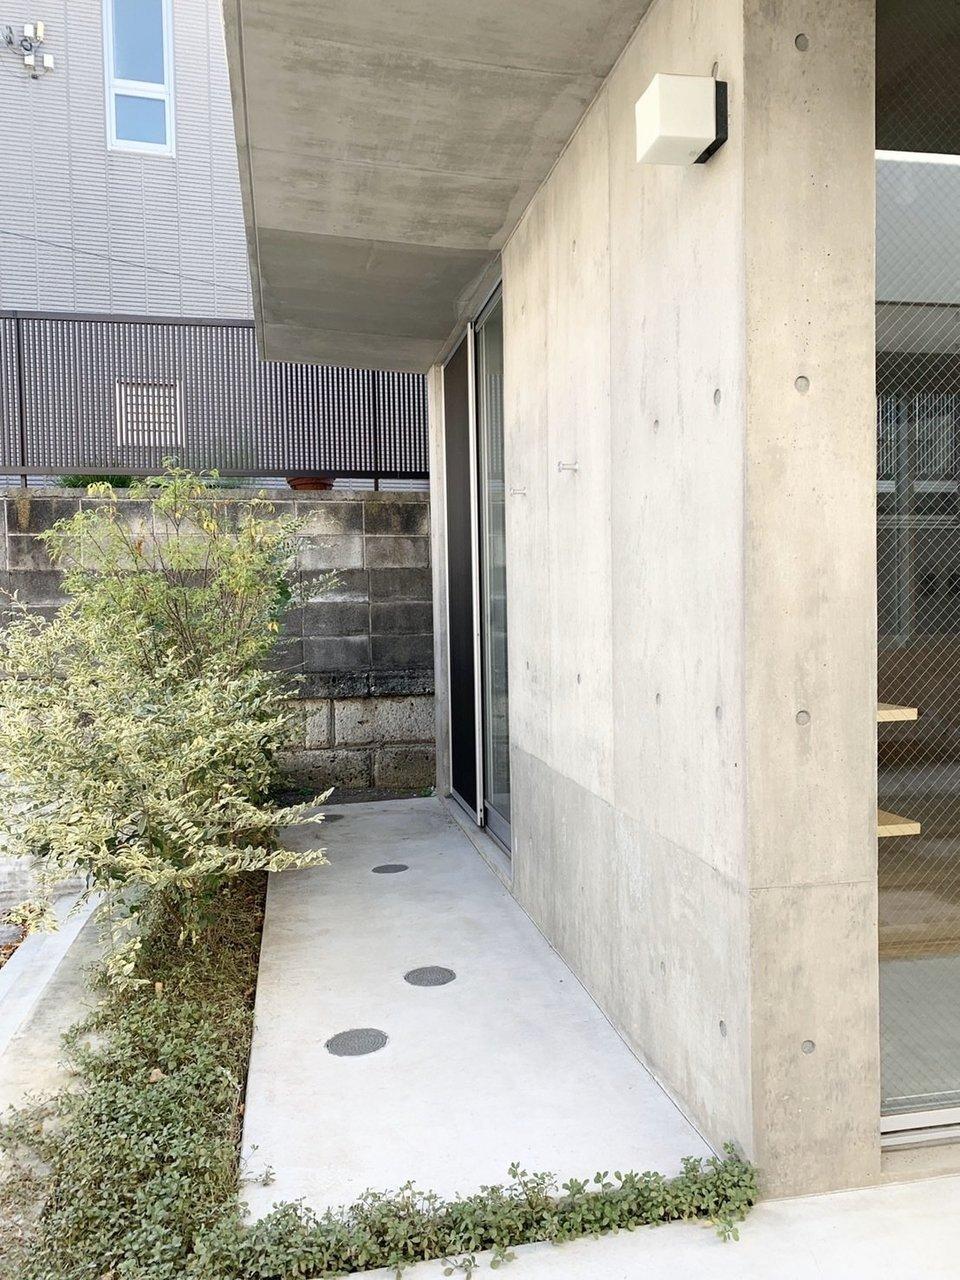 玄関脇にはちょっとしたベランダスペースが。自転車を置いたり、植物を置いたりしてみてもいいですね。